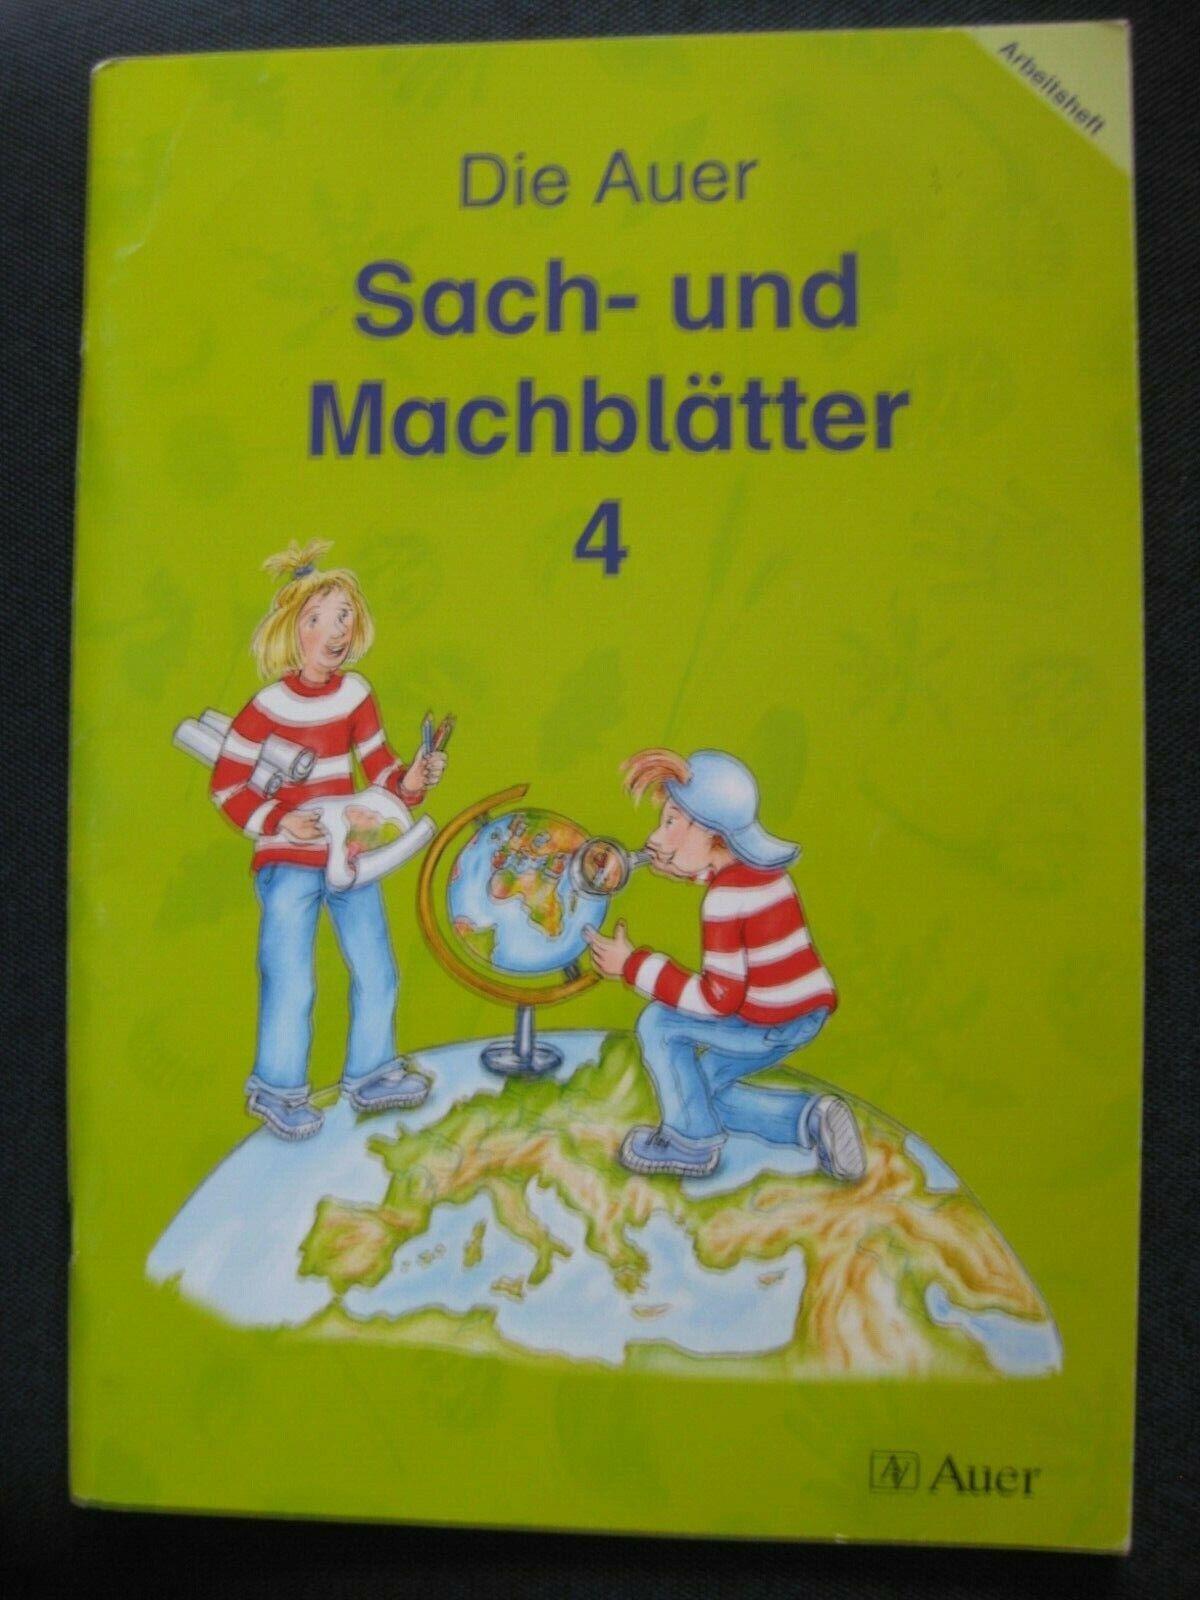 Die Auer Sach- und Machblätter 4, Arbeitsheft Sachunterricht 4. Kl. Grundschule - Dorothee Emmrich u.a.